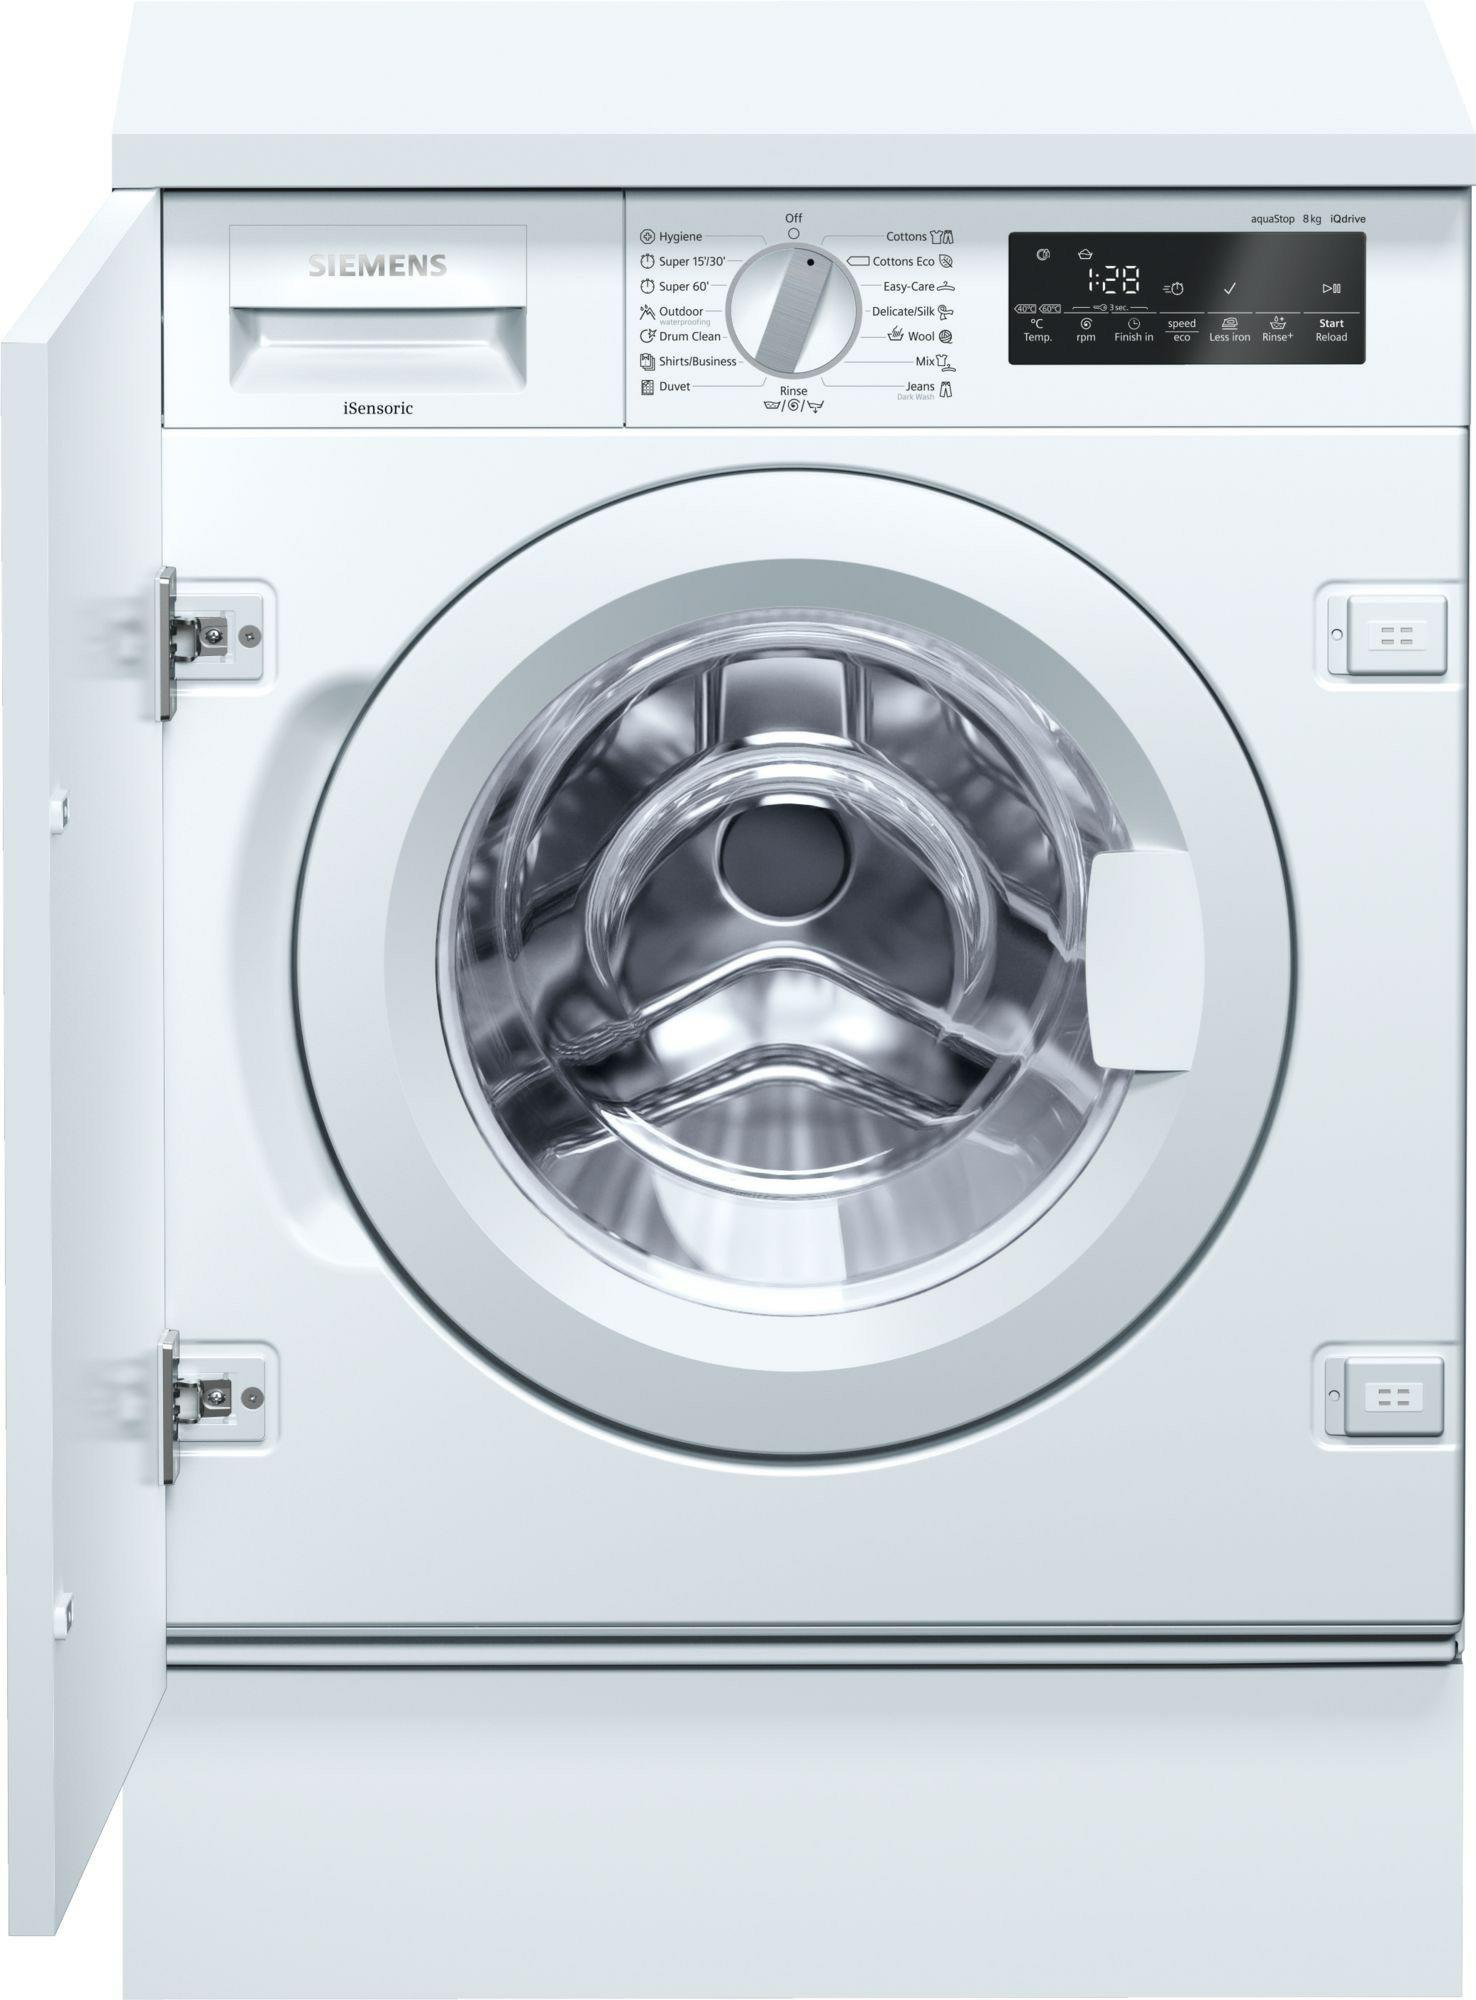 wasmachine Siemens WI14W540EU wasmachine